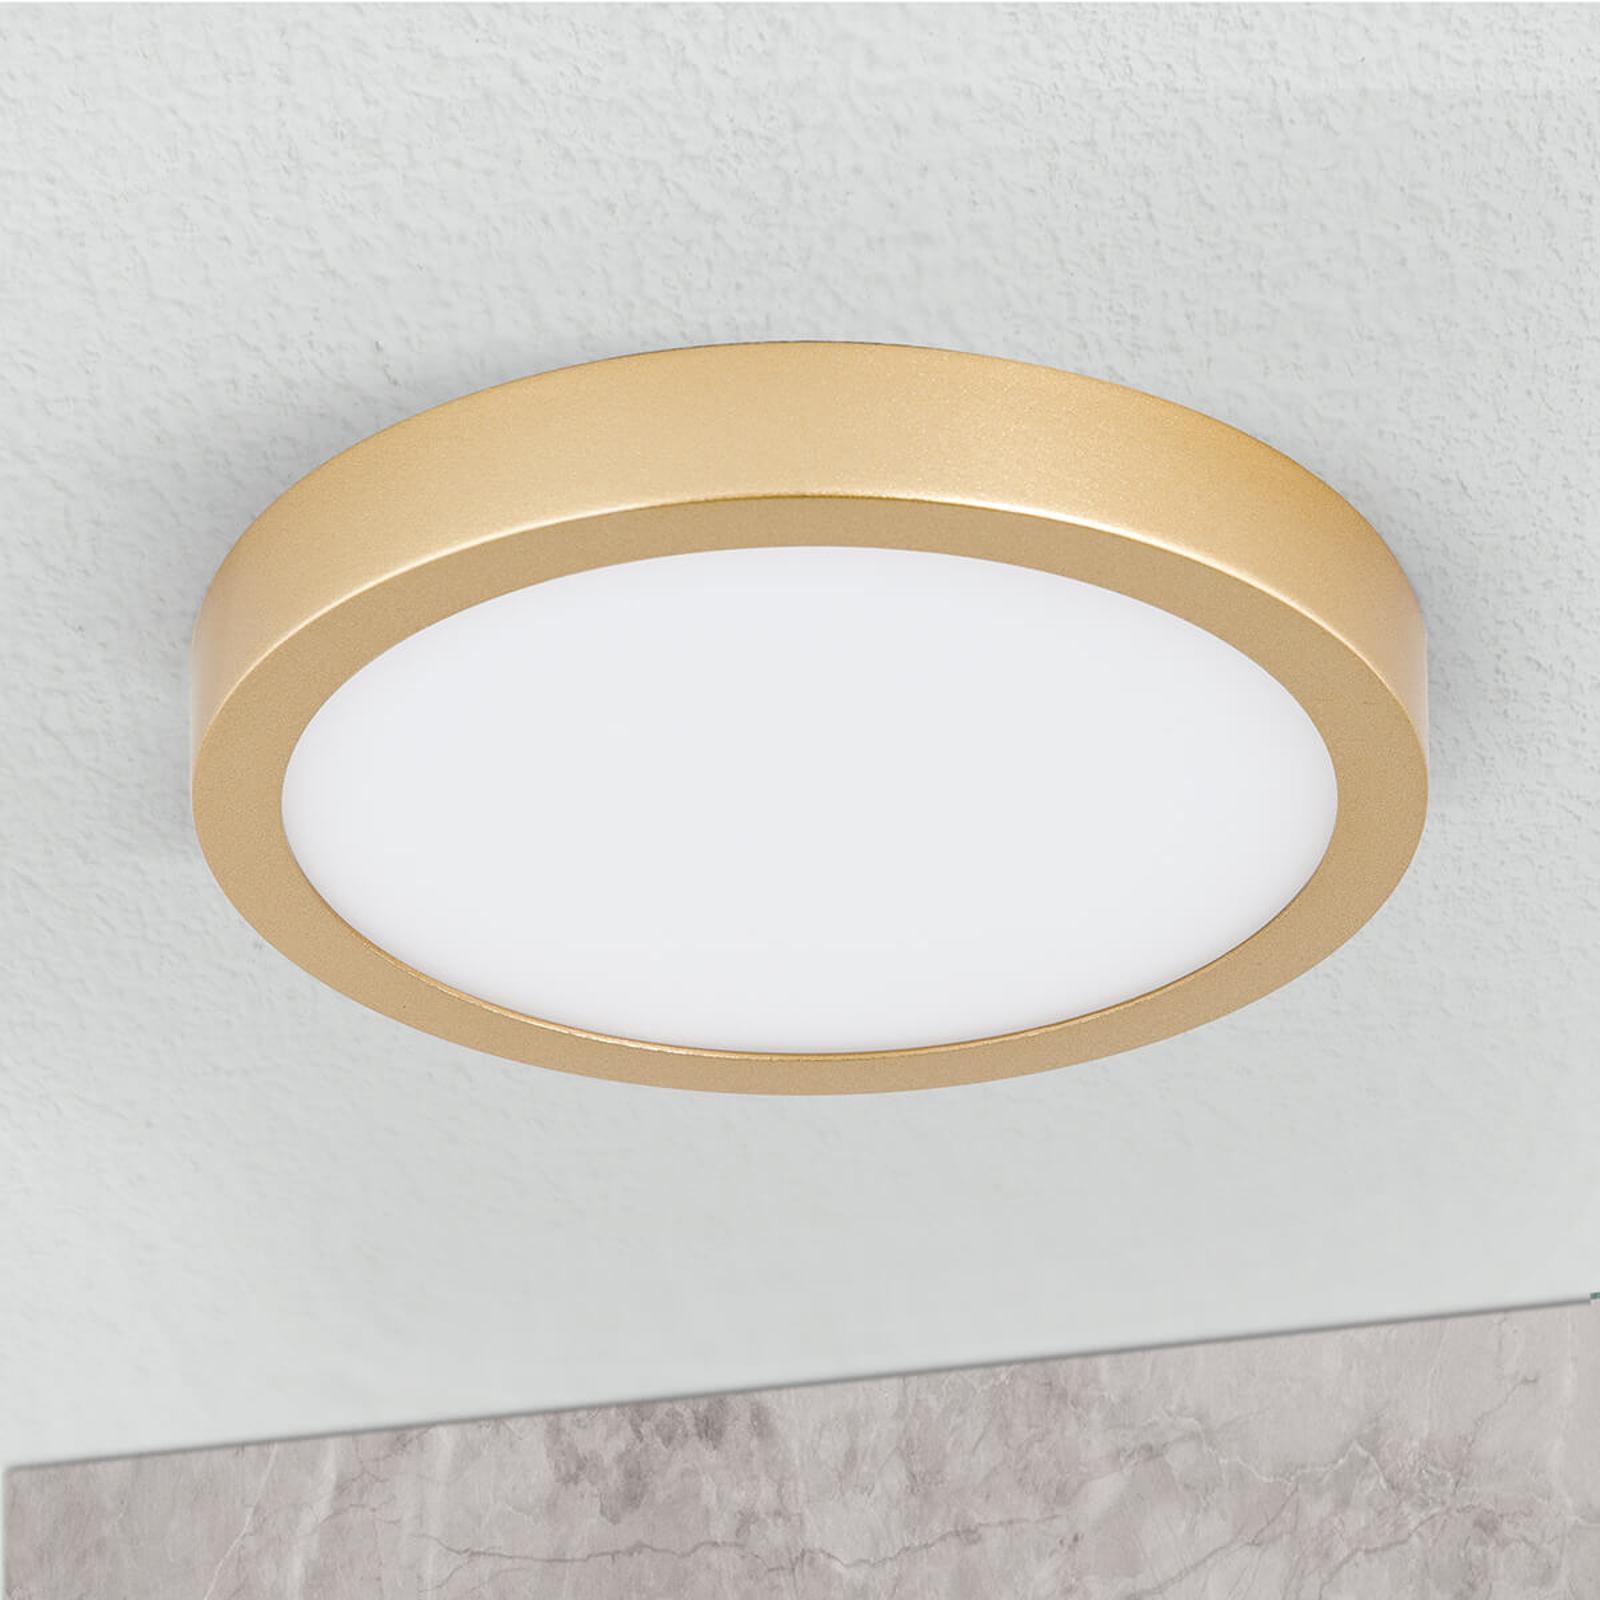 LED-Deckenleuchte Vika, rund, gold matt, Ø 18cm